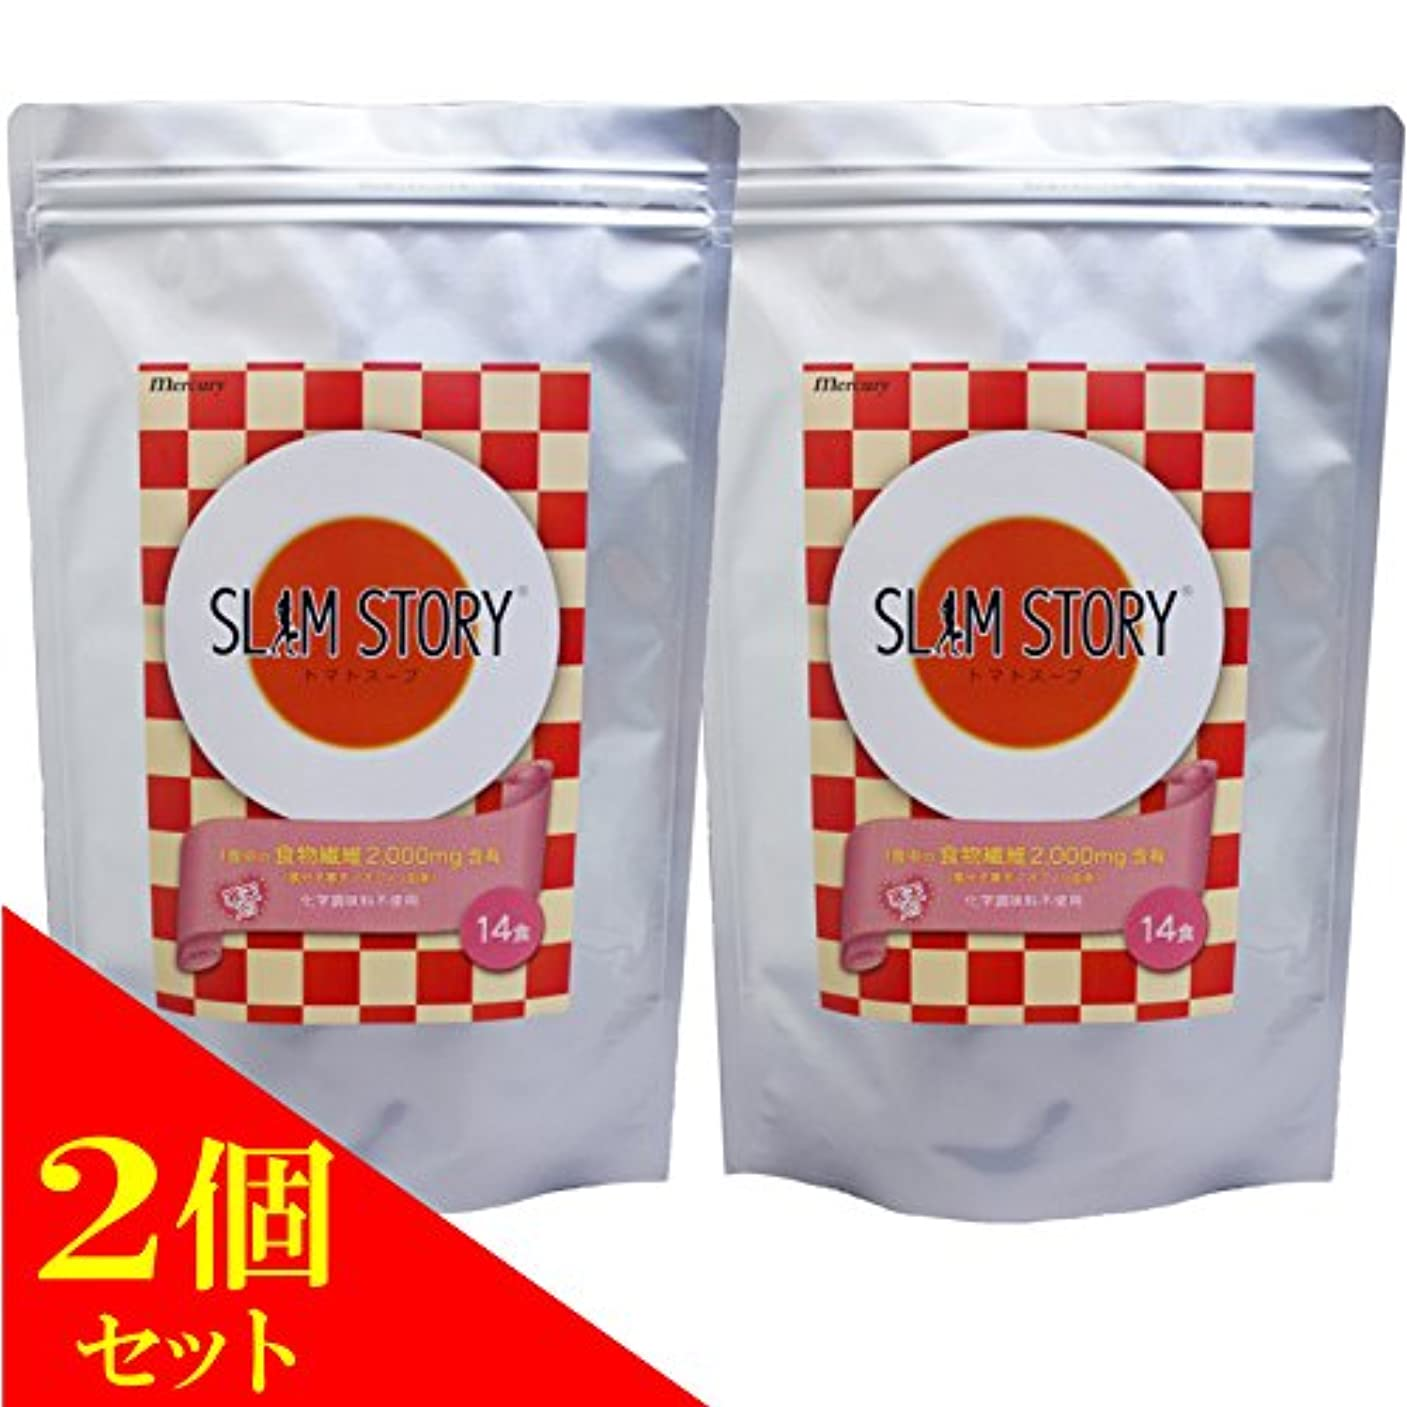 (2個) マーキュリー SLIM STORY トマトスープ 14食×2袋セット/化学調味料 不使用(4947041155022)